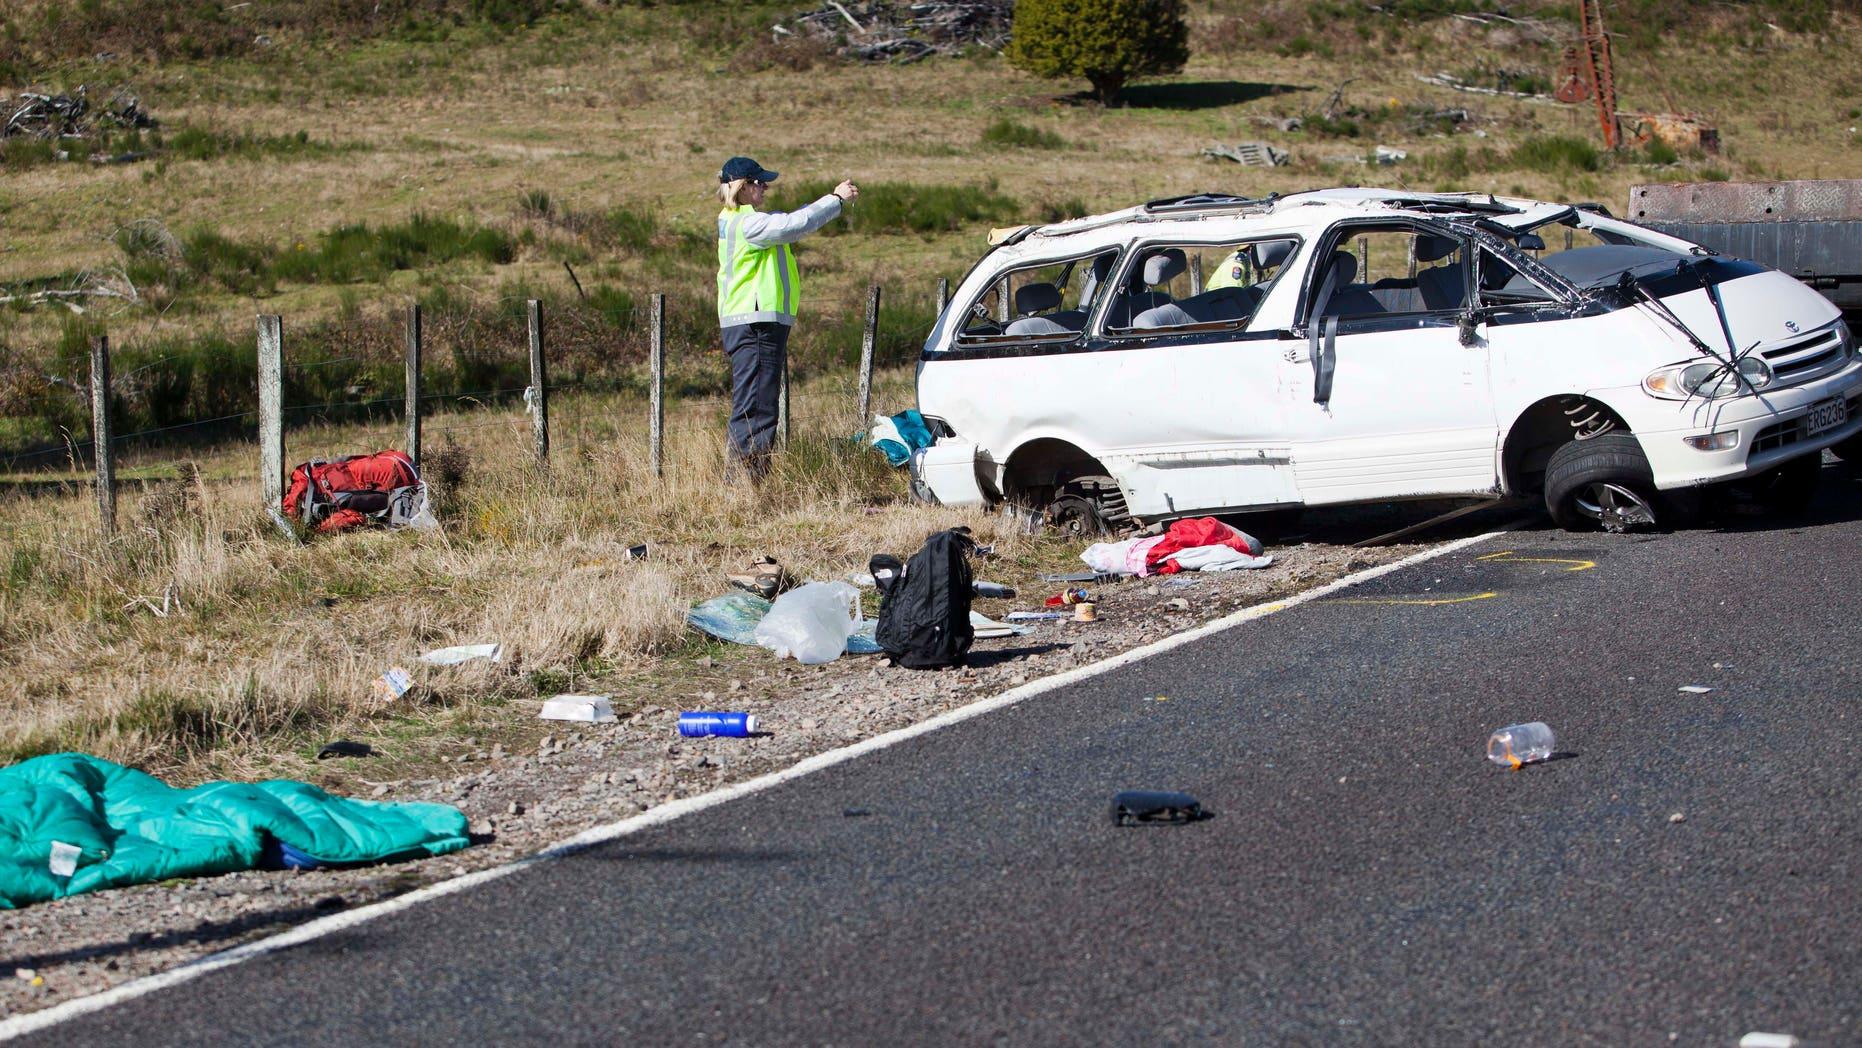 May 12, 2012: Policemen examine the scene of a minivan crash near Turangi, New Zealand, Saturday.